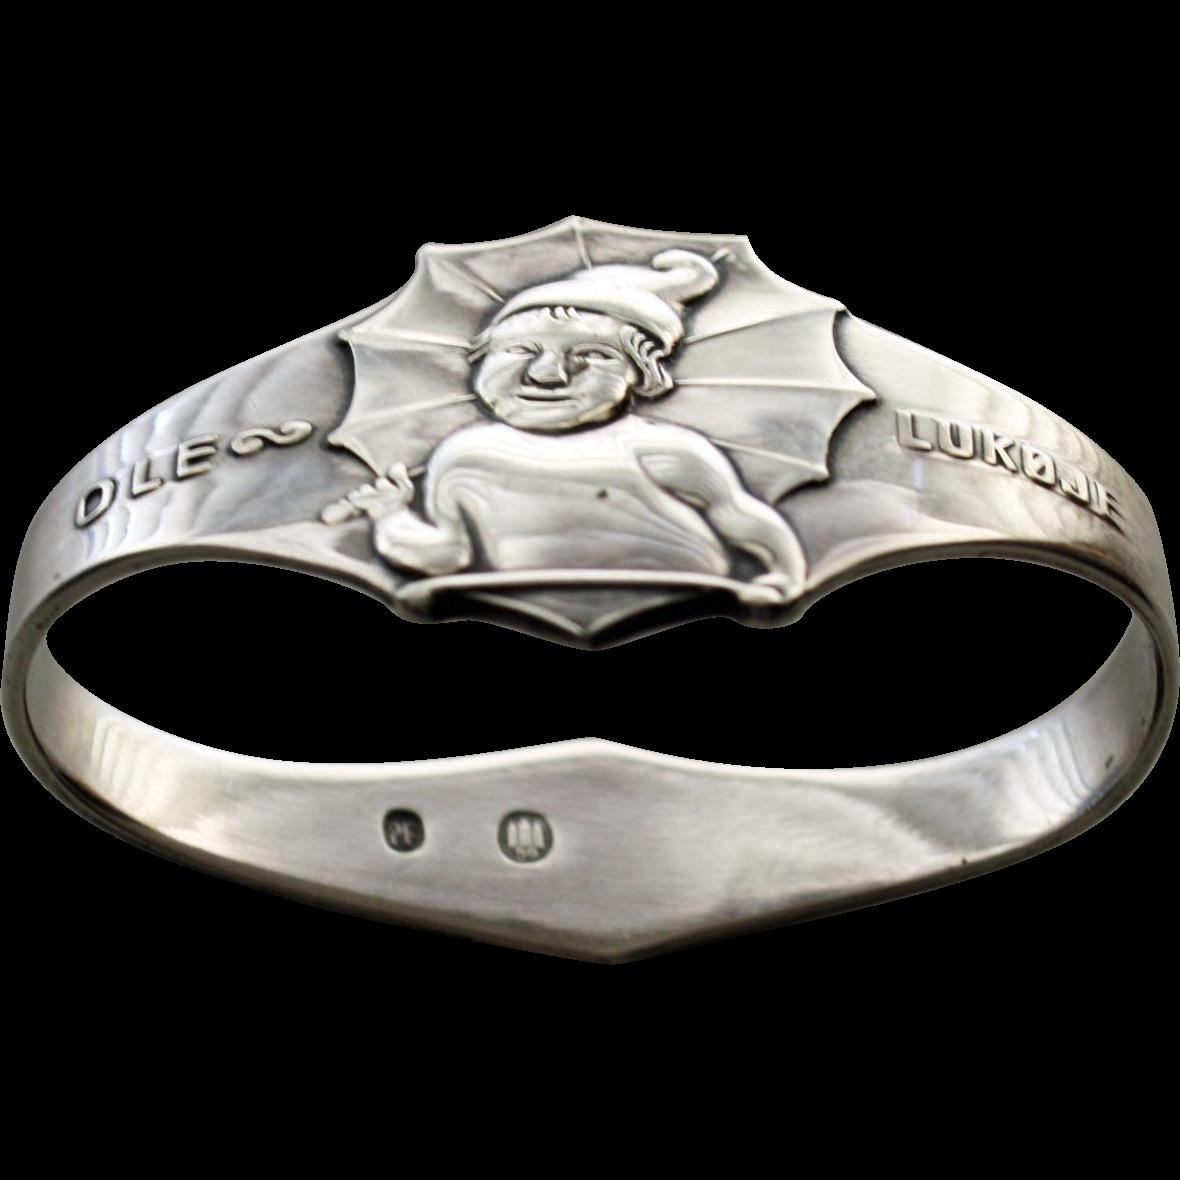 Sterling Napkin Ring: Hans Christian Andersen's Ole Lukoje (Danish Sandman)